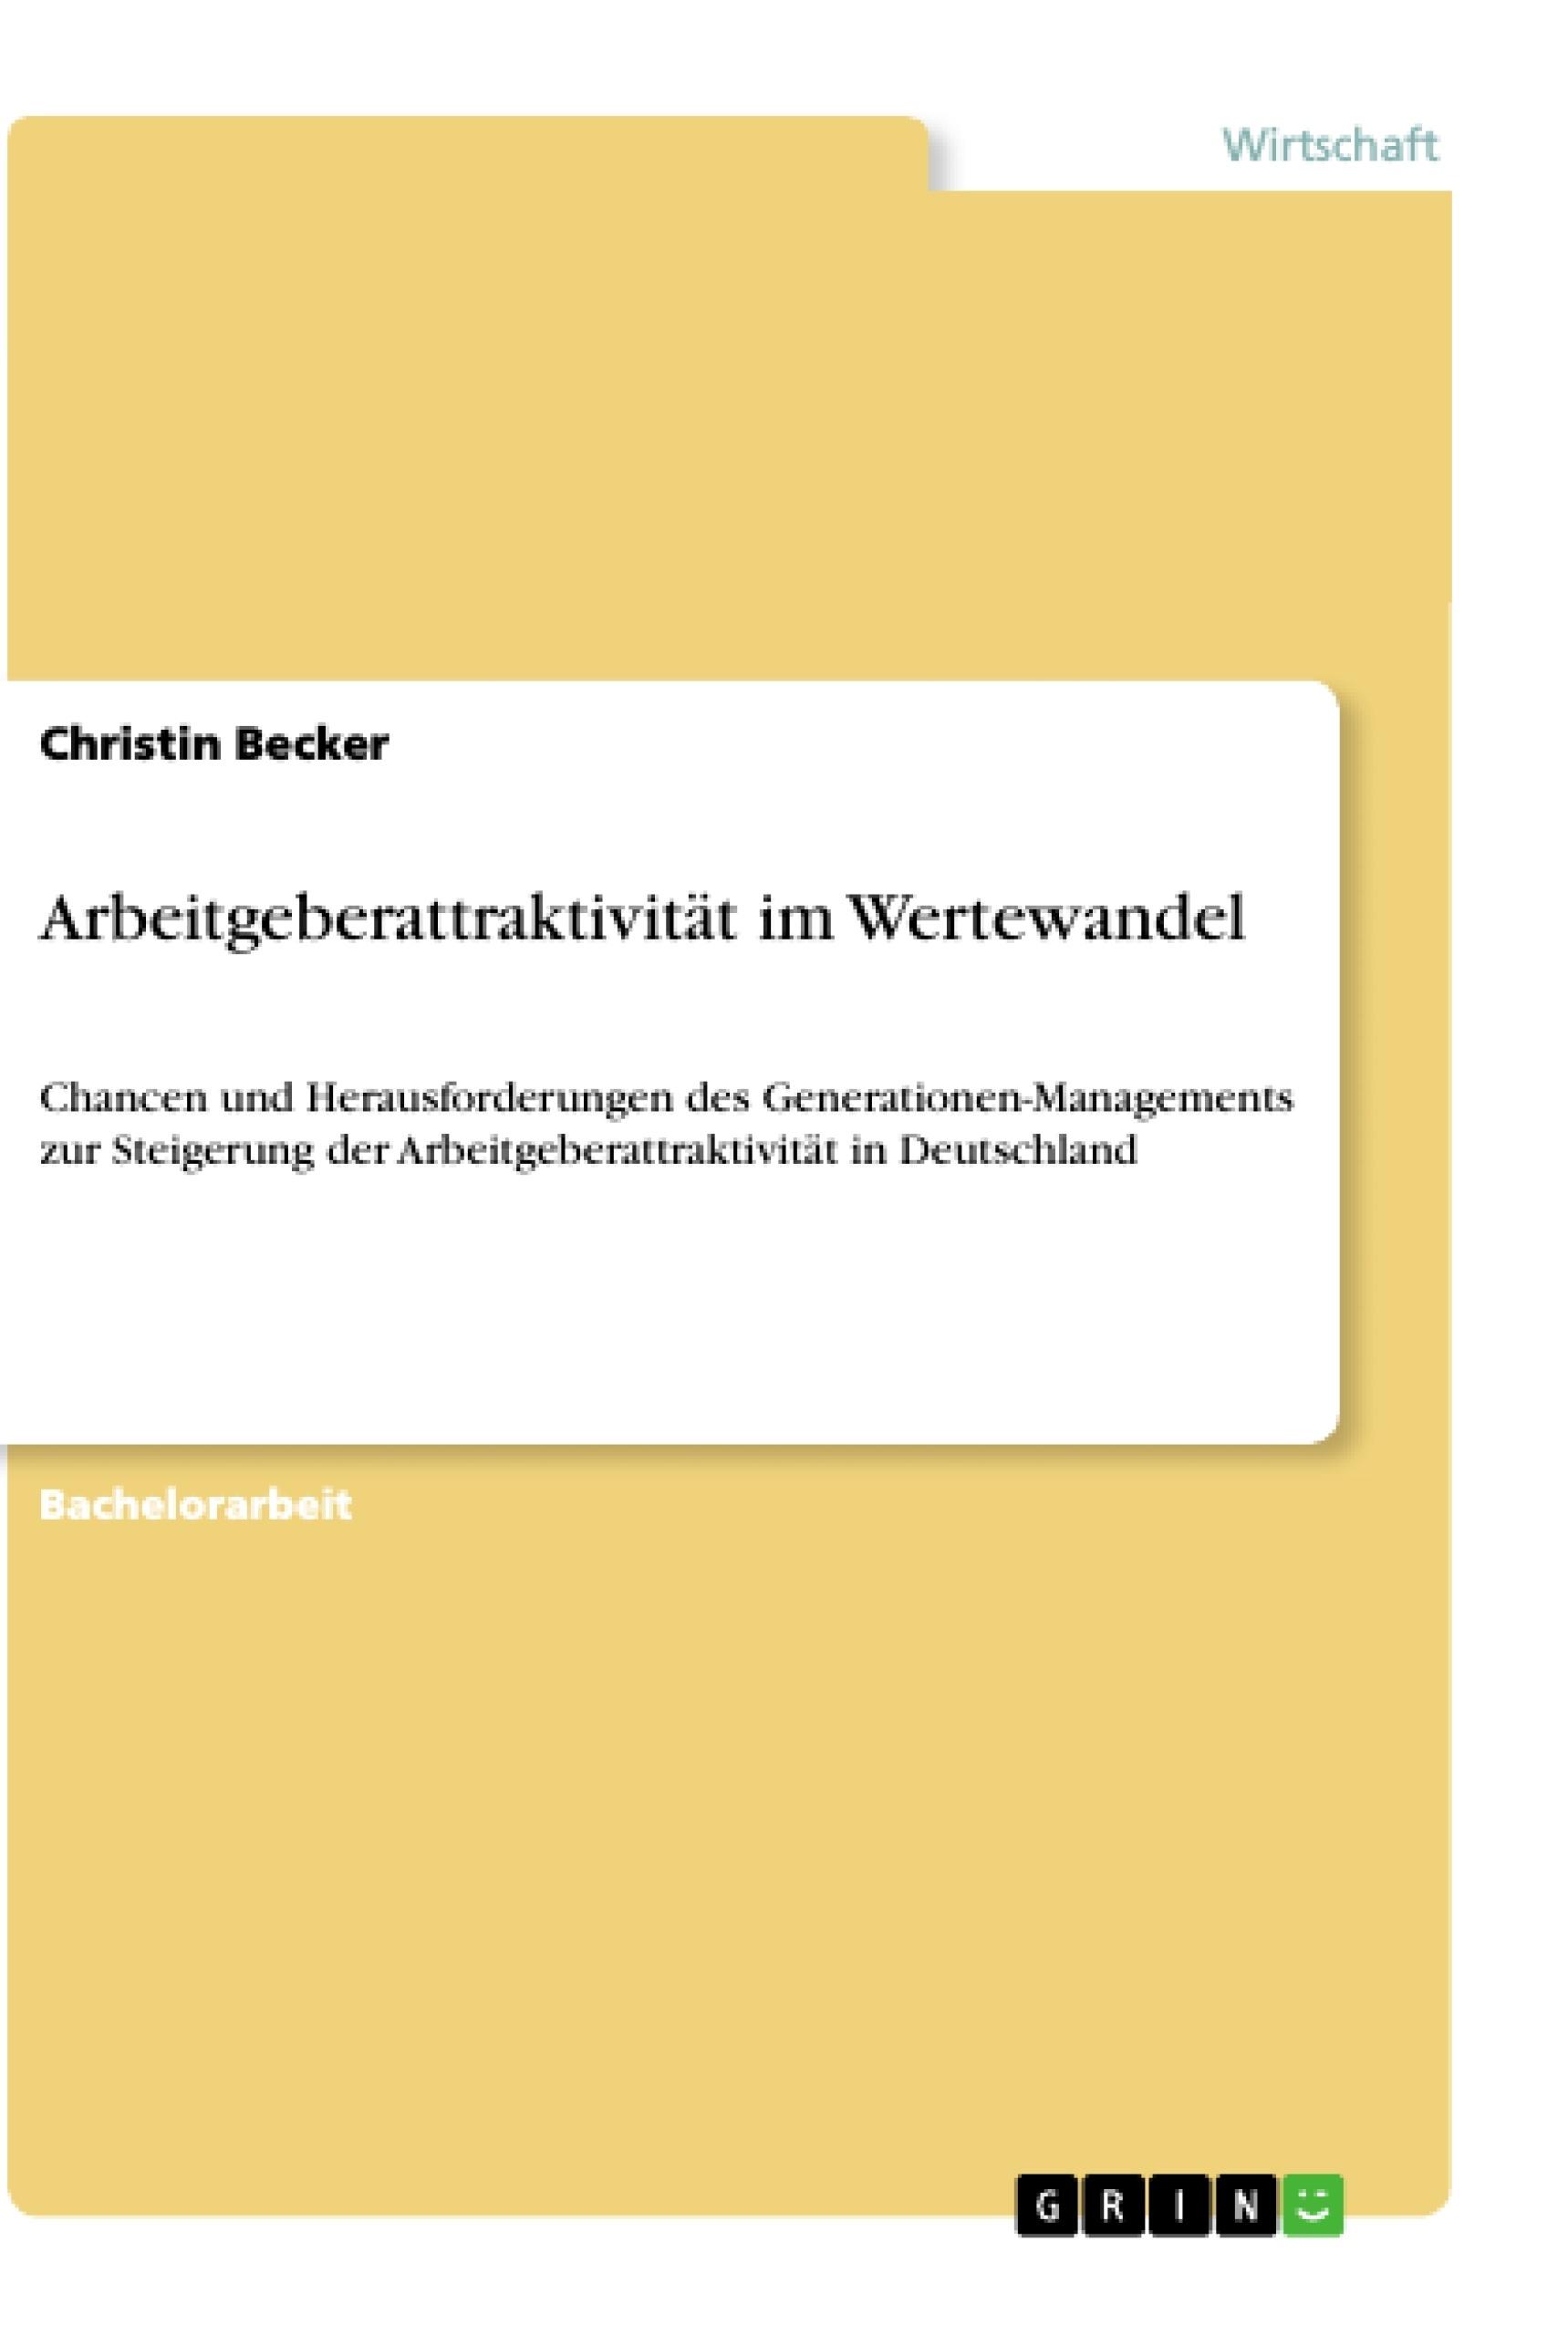 Titel: Arbeitgeberattraktivität im Wertewandel